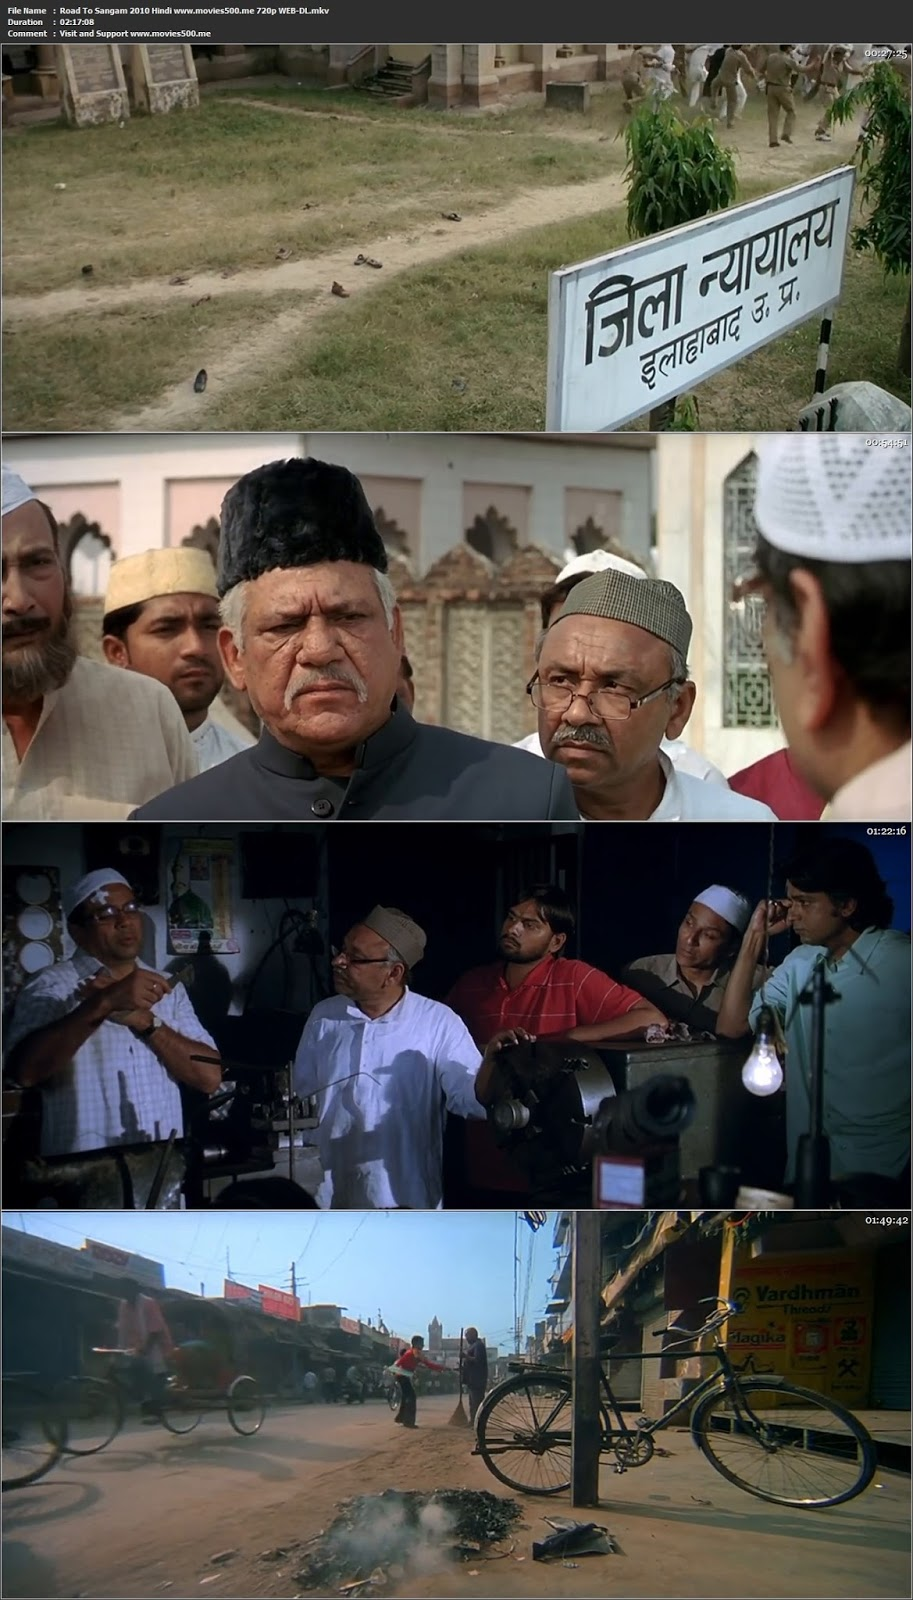 Road To Sangam 2010 Hindi WEB DL 720p at tokenguy.com